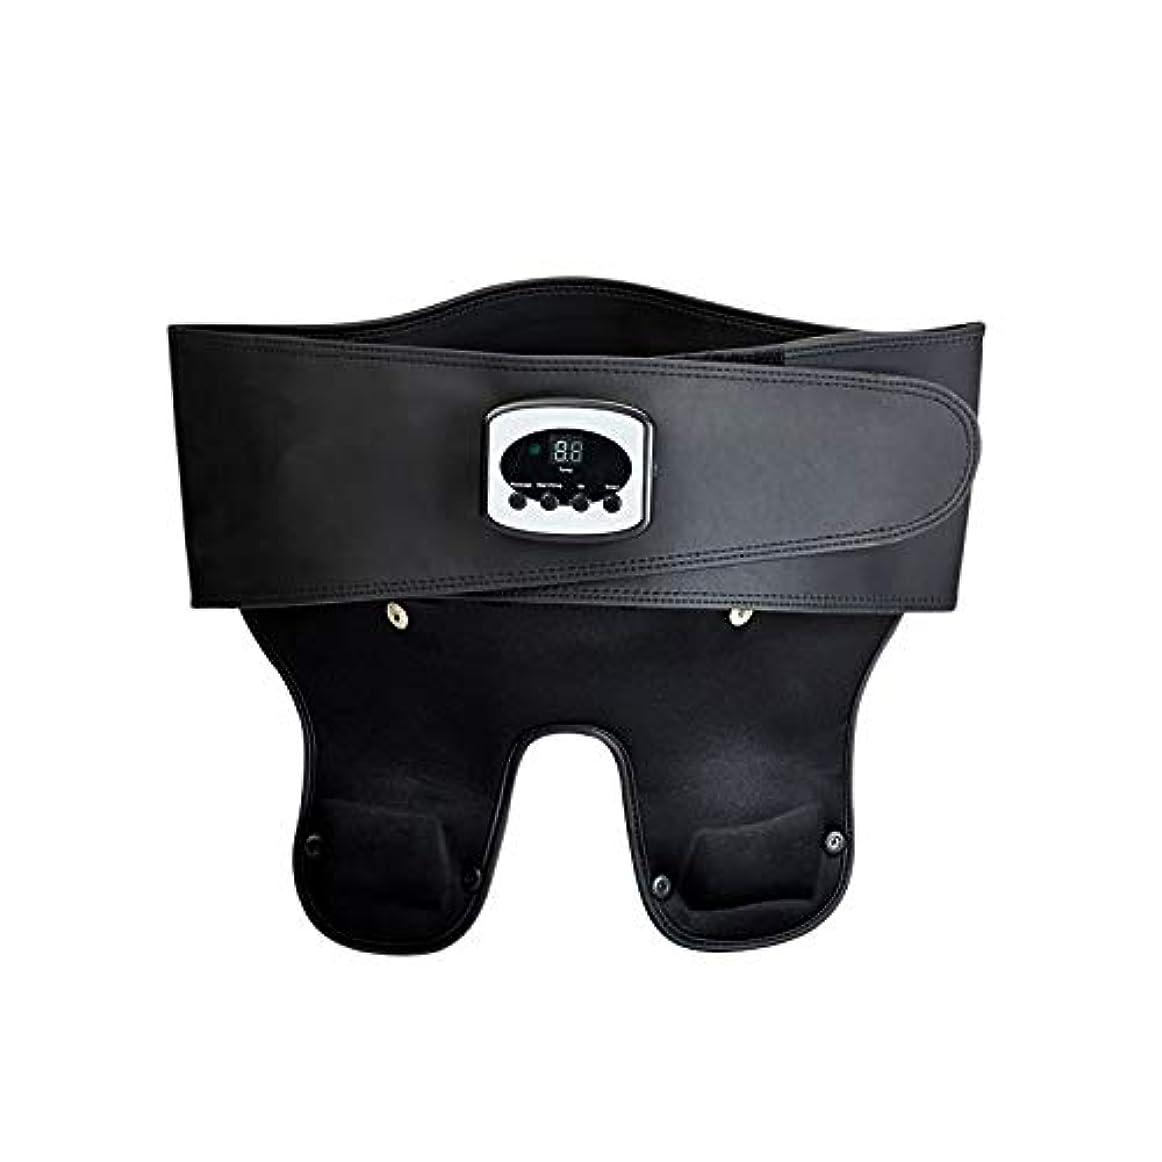 地上で腐敗想定するHealthy Waist Massager - Heat Conductor, Infrared Lights, Vibration Massage, Adjustable Temperature